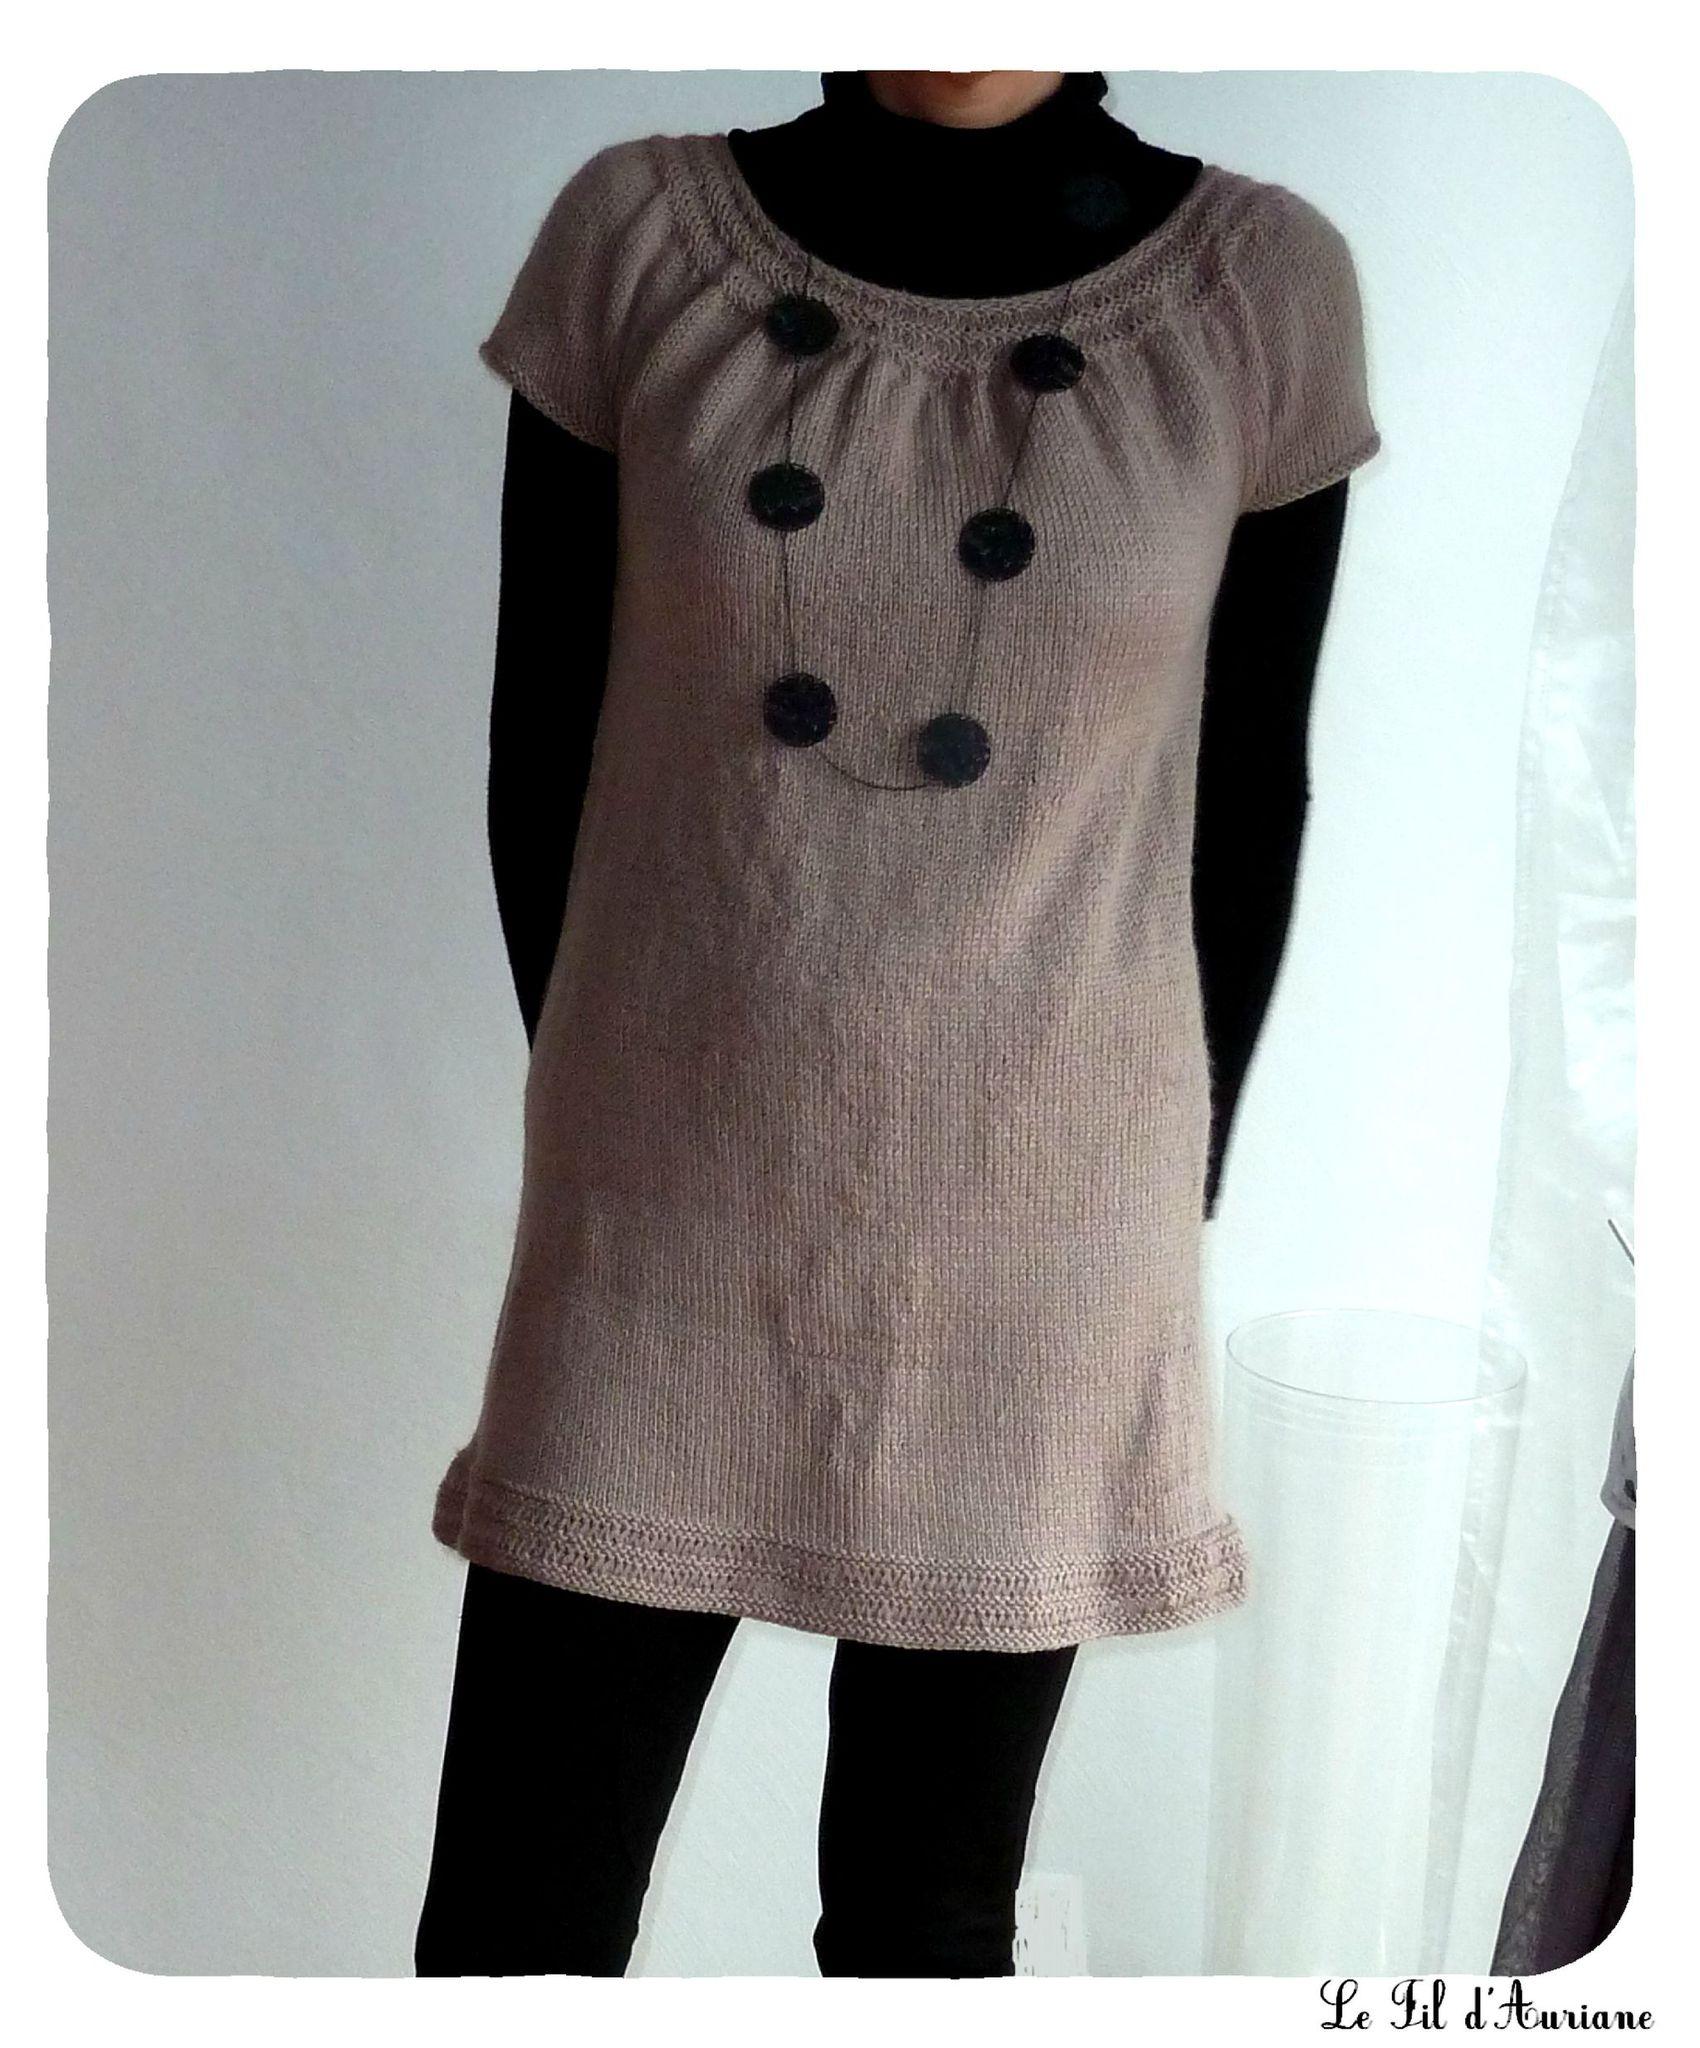 d901eade7a1c création modèle tricot robe tunique fillette bouton source